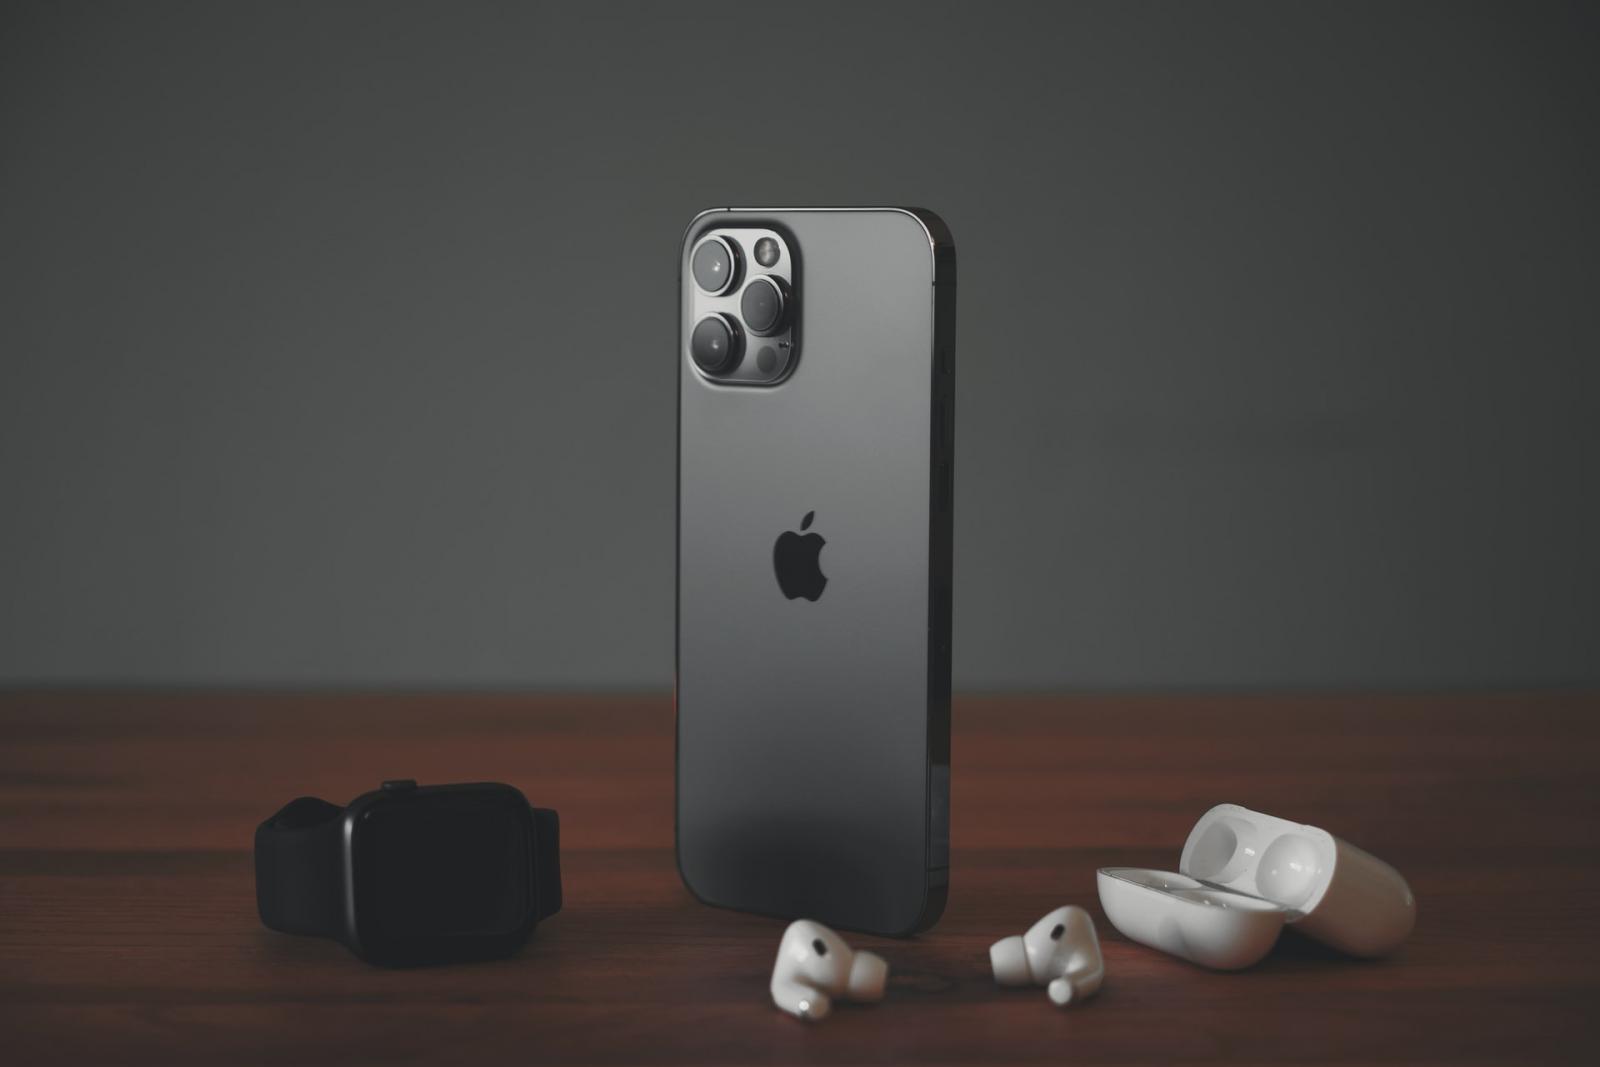 【快訊】iPhone將全面捨棄實體按鍵?蘋果最新專利曝光